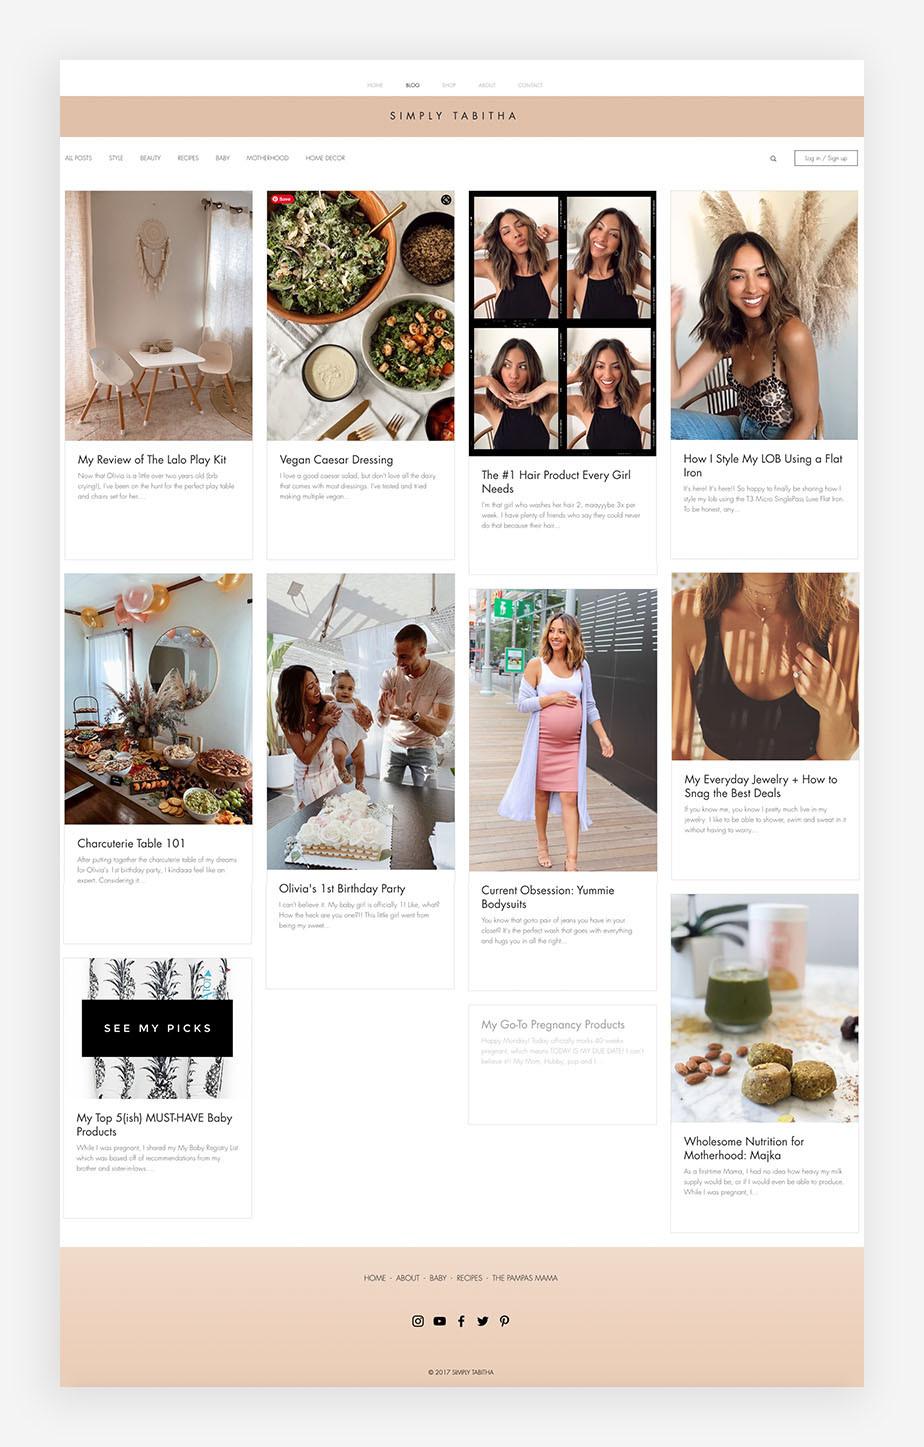 en iyi blog siteleri: simply tabitha